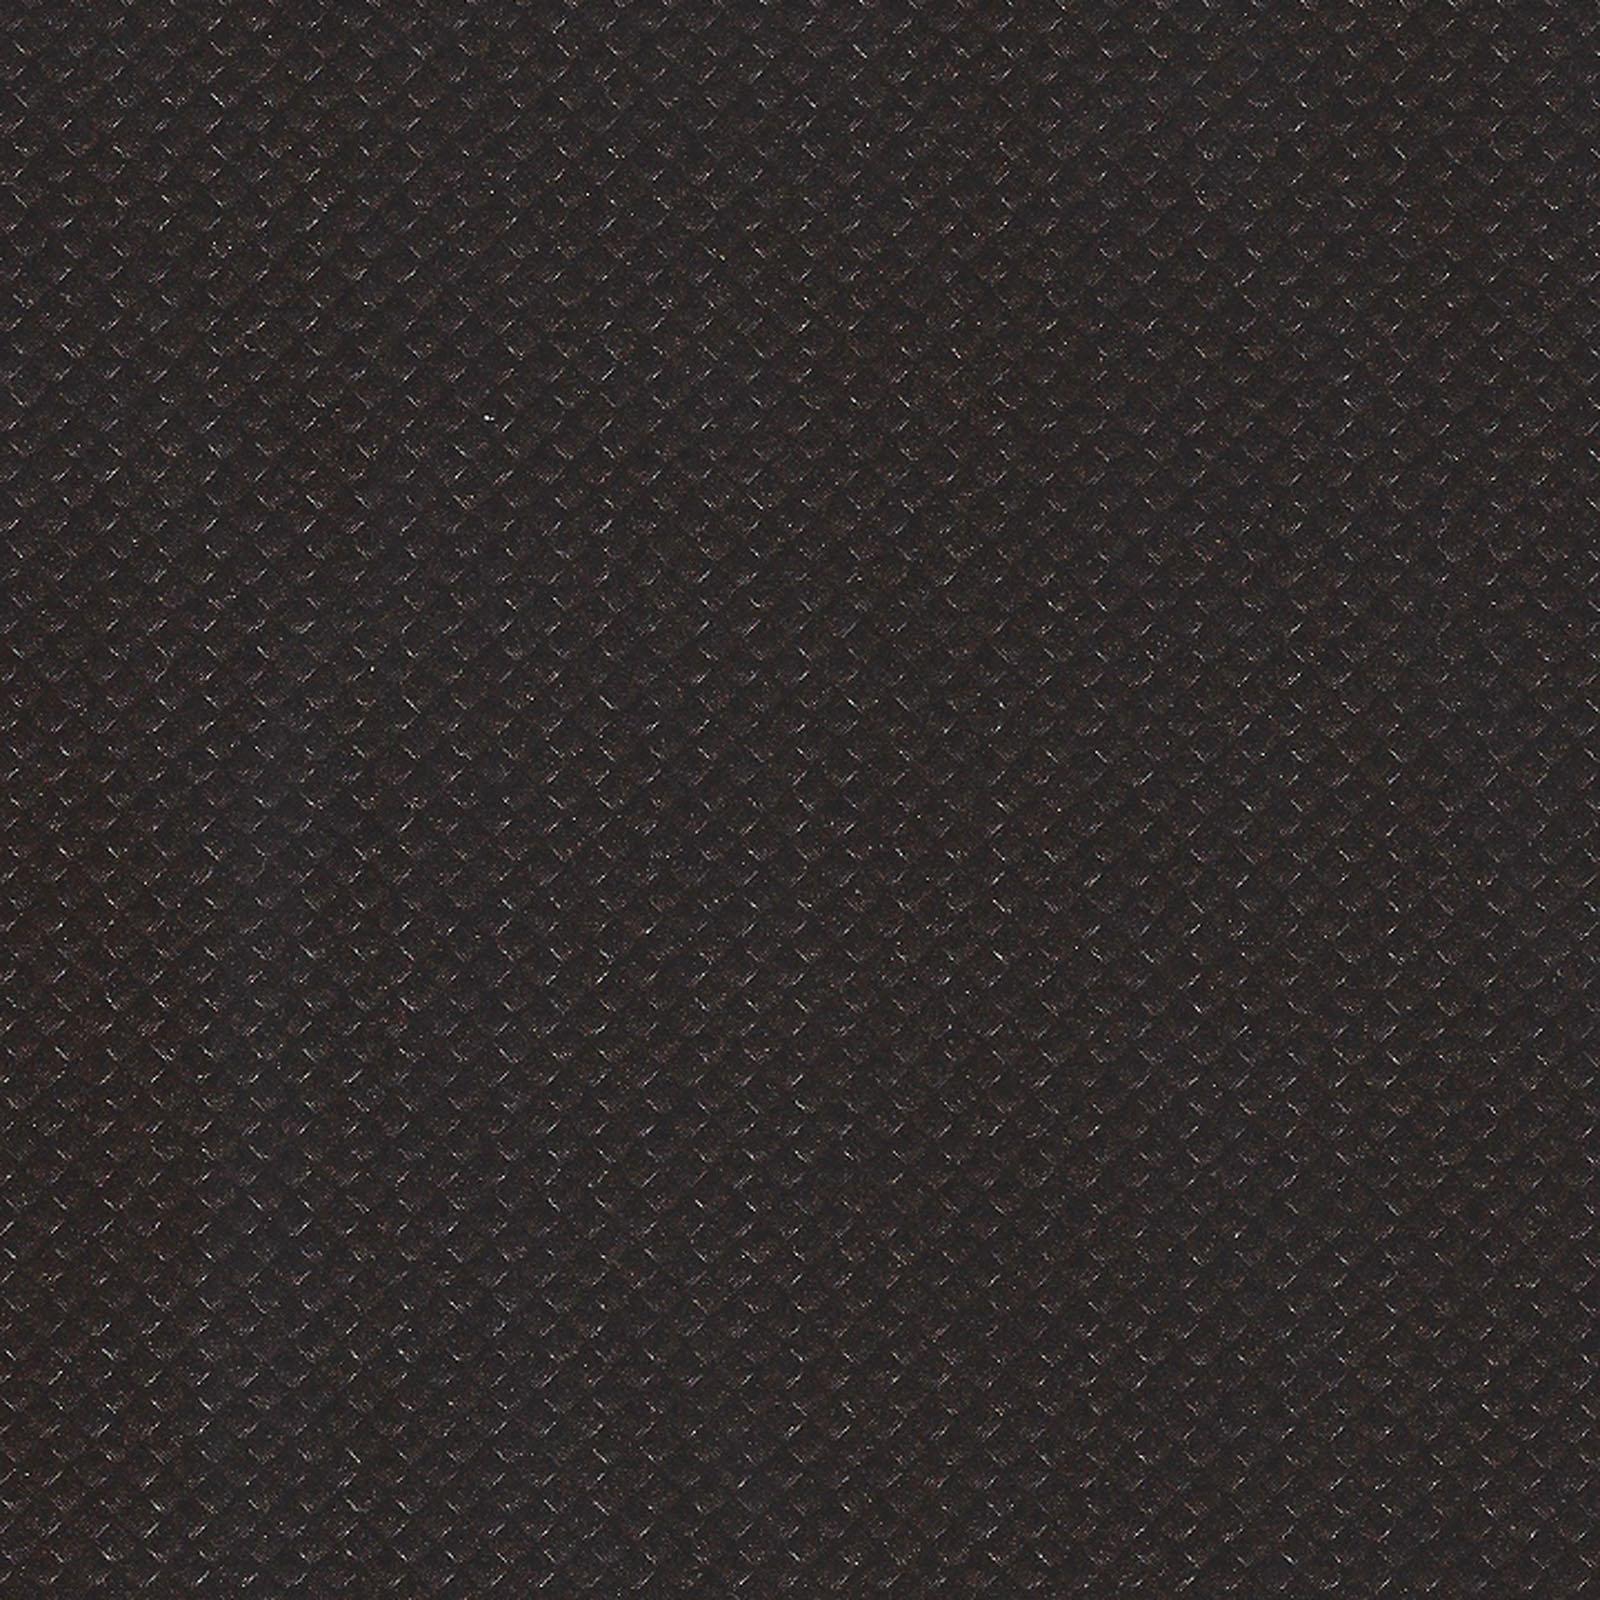 Apex - APX-2558 - Espresso